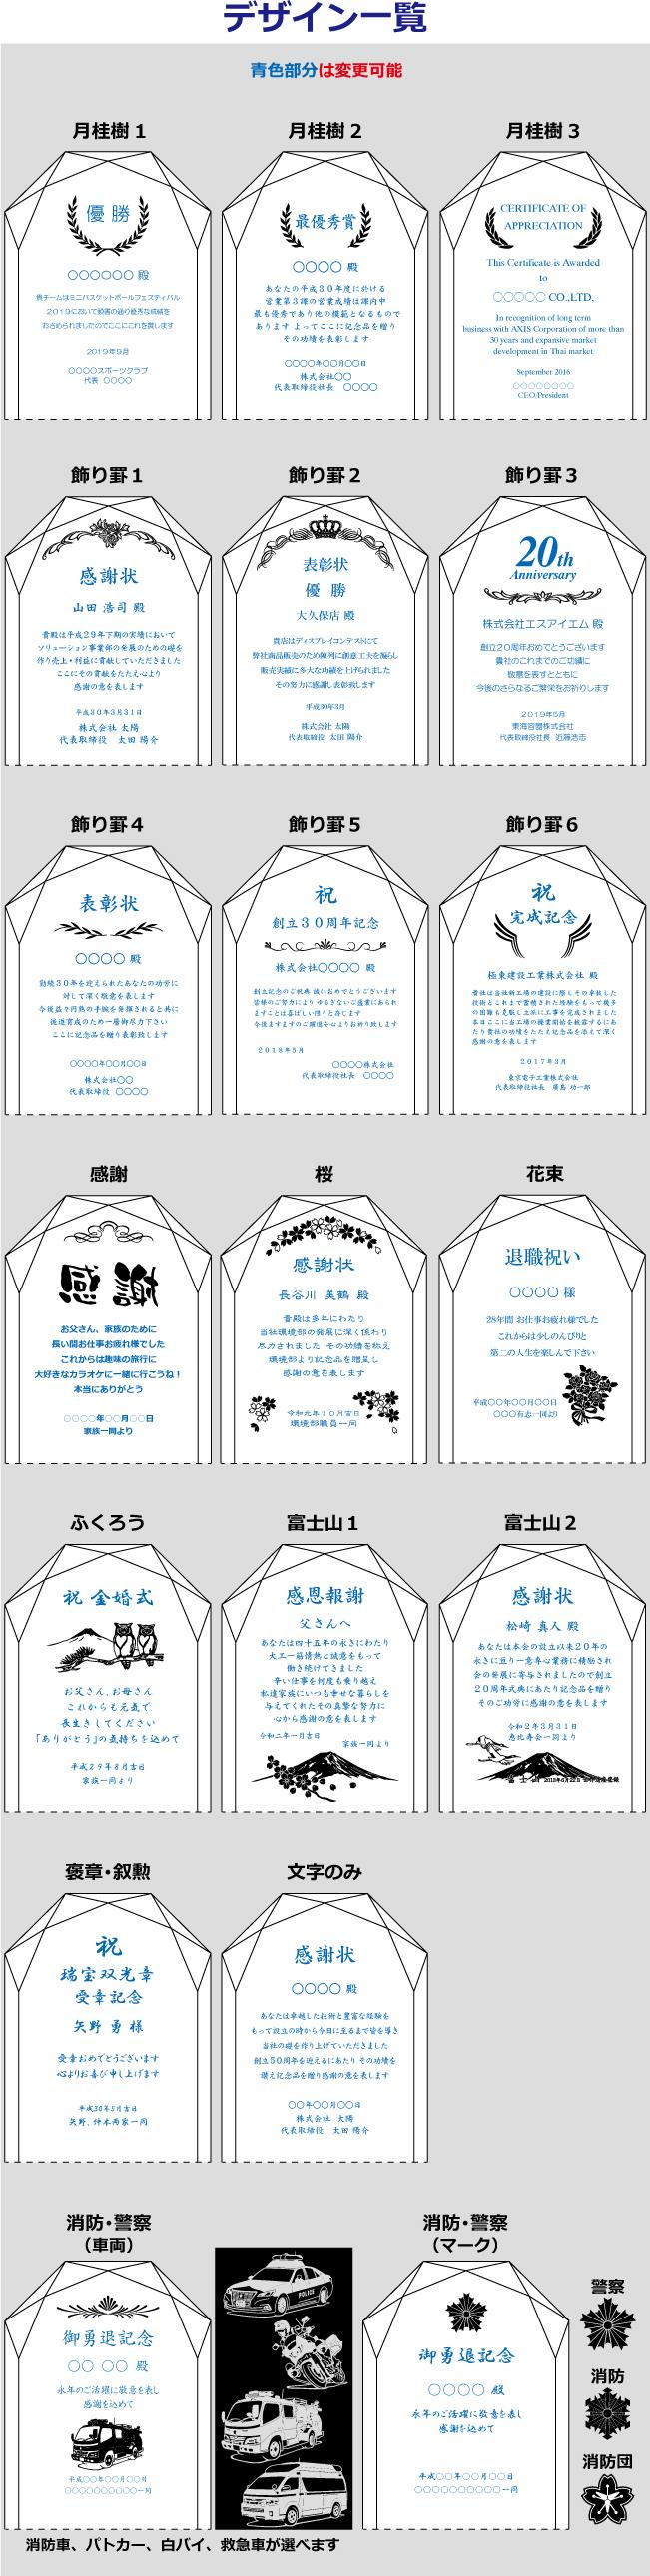 名入れクリスタル楯(盾)ダイヤカットアーチ型のデザイン